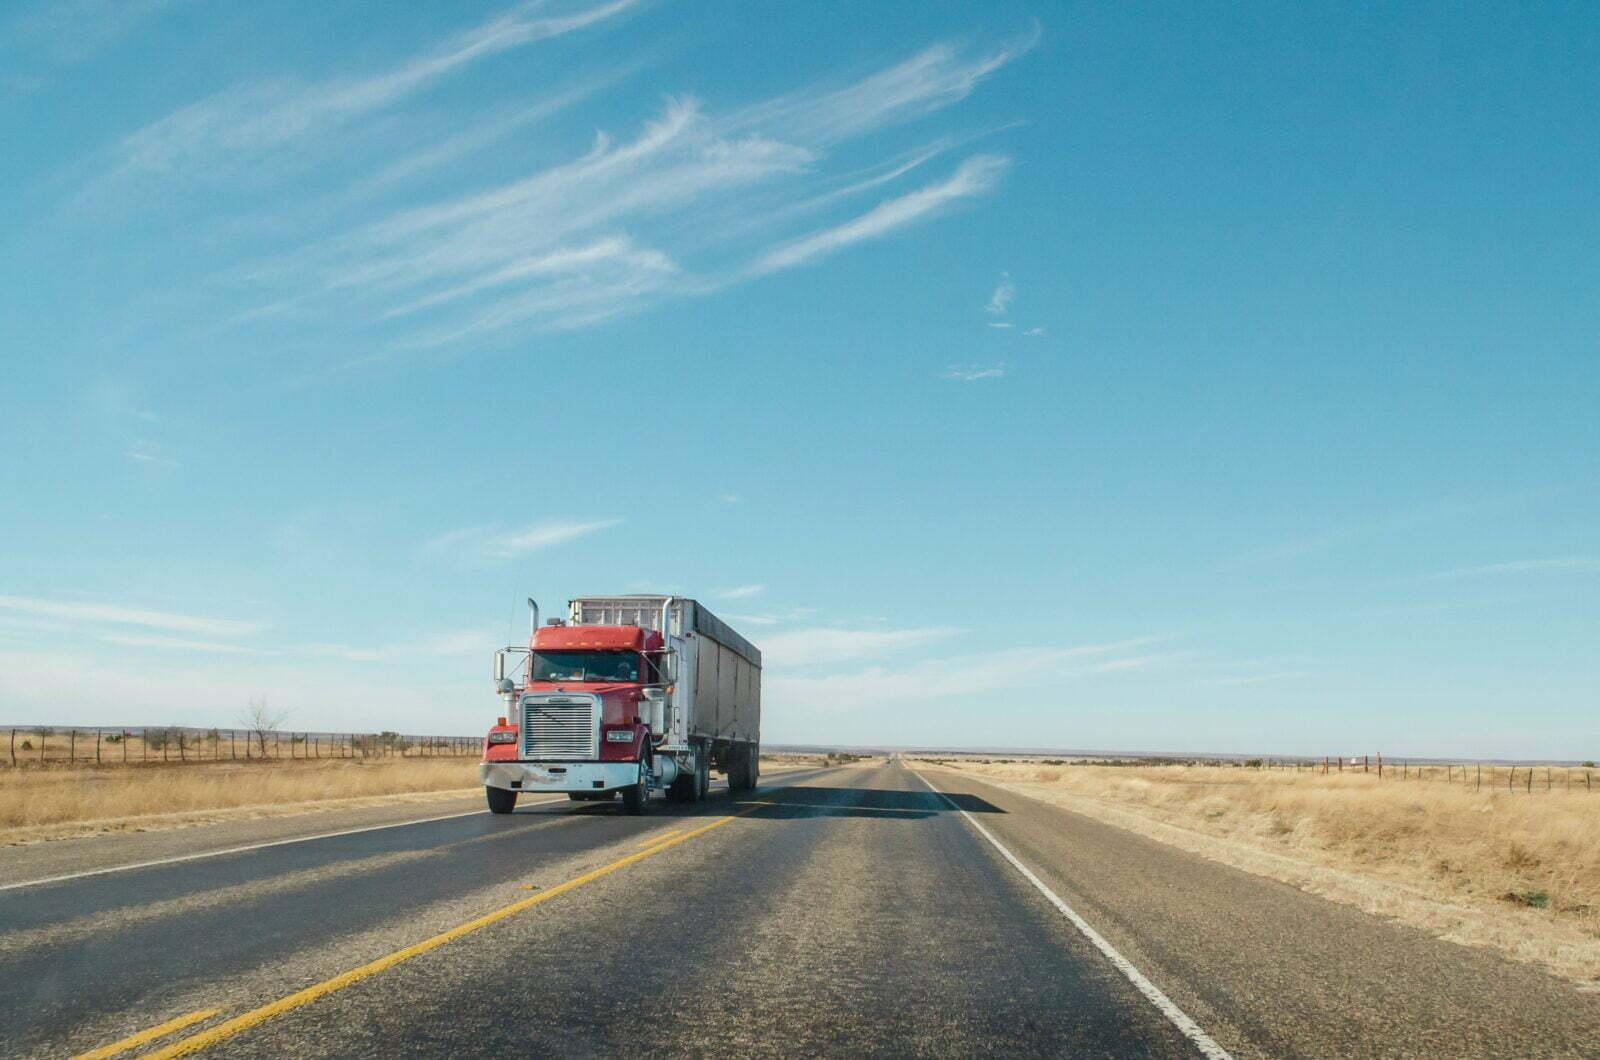 seguro de carga é obrigatório seguro de transporte de carga